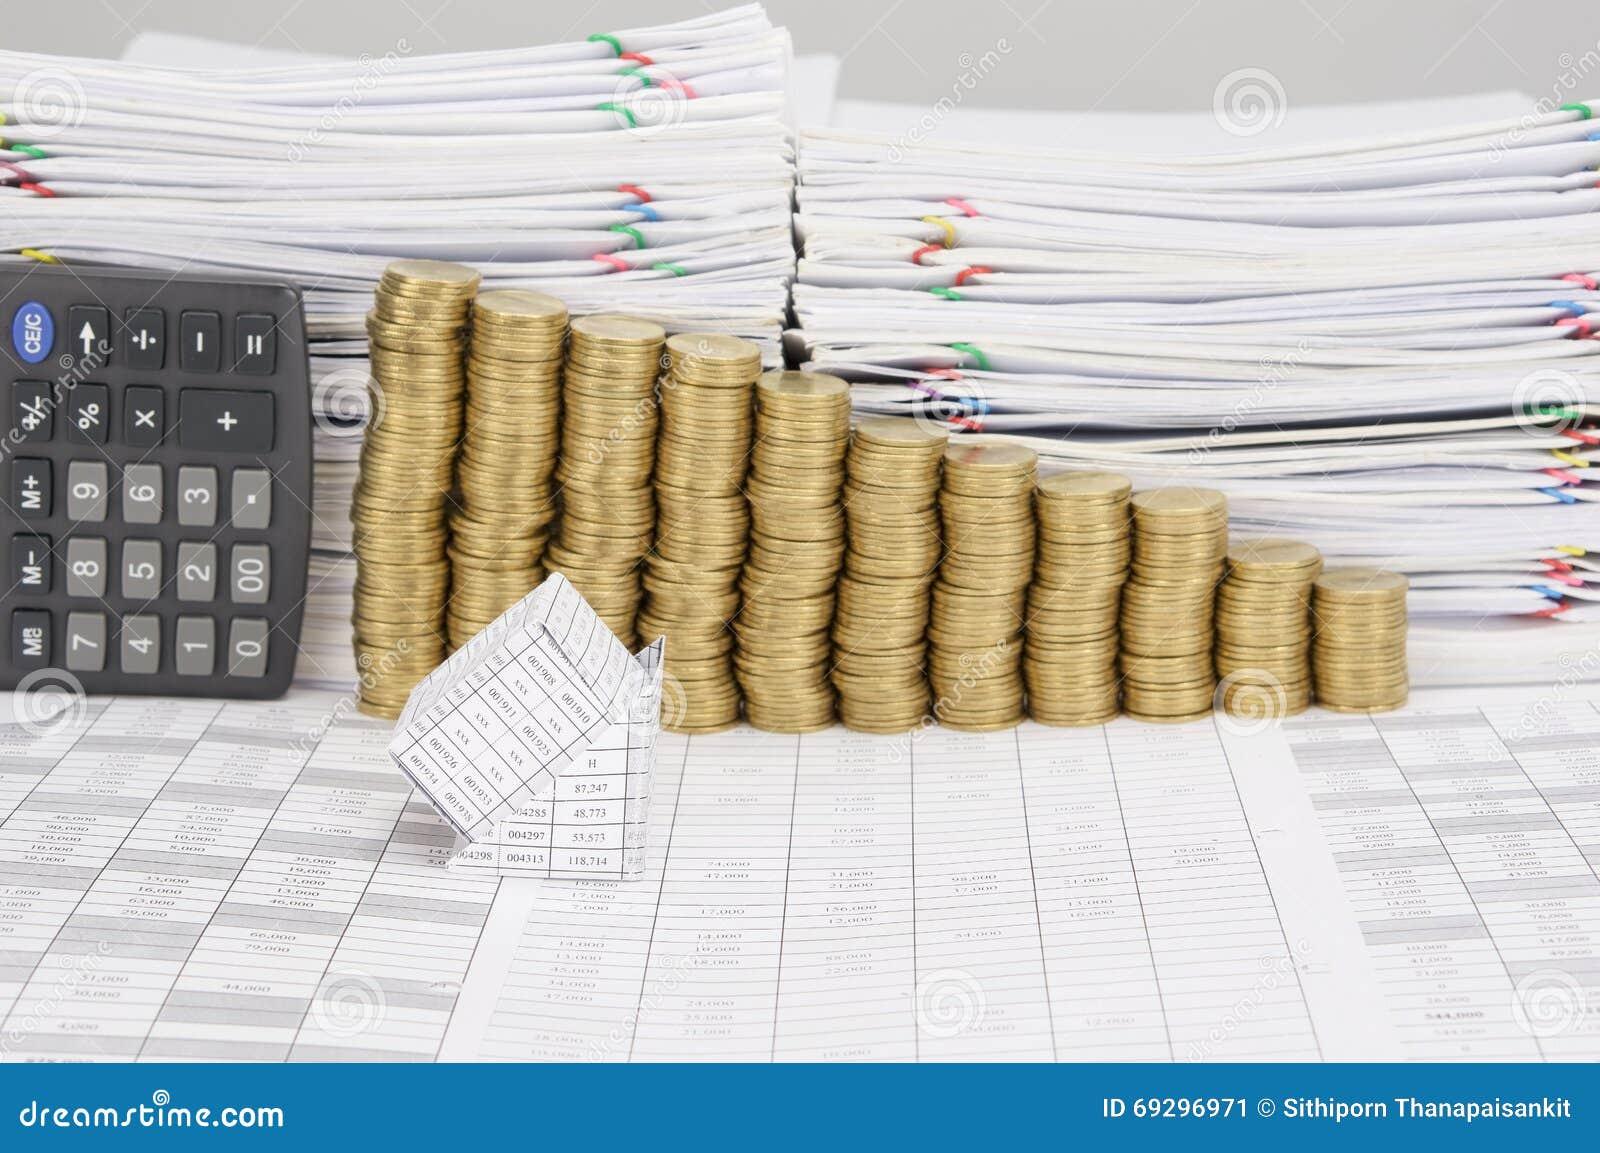 la faillite de la maison ont la pile d'étape des pièces d'or image